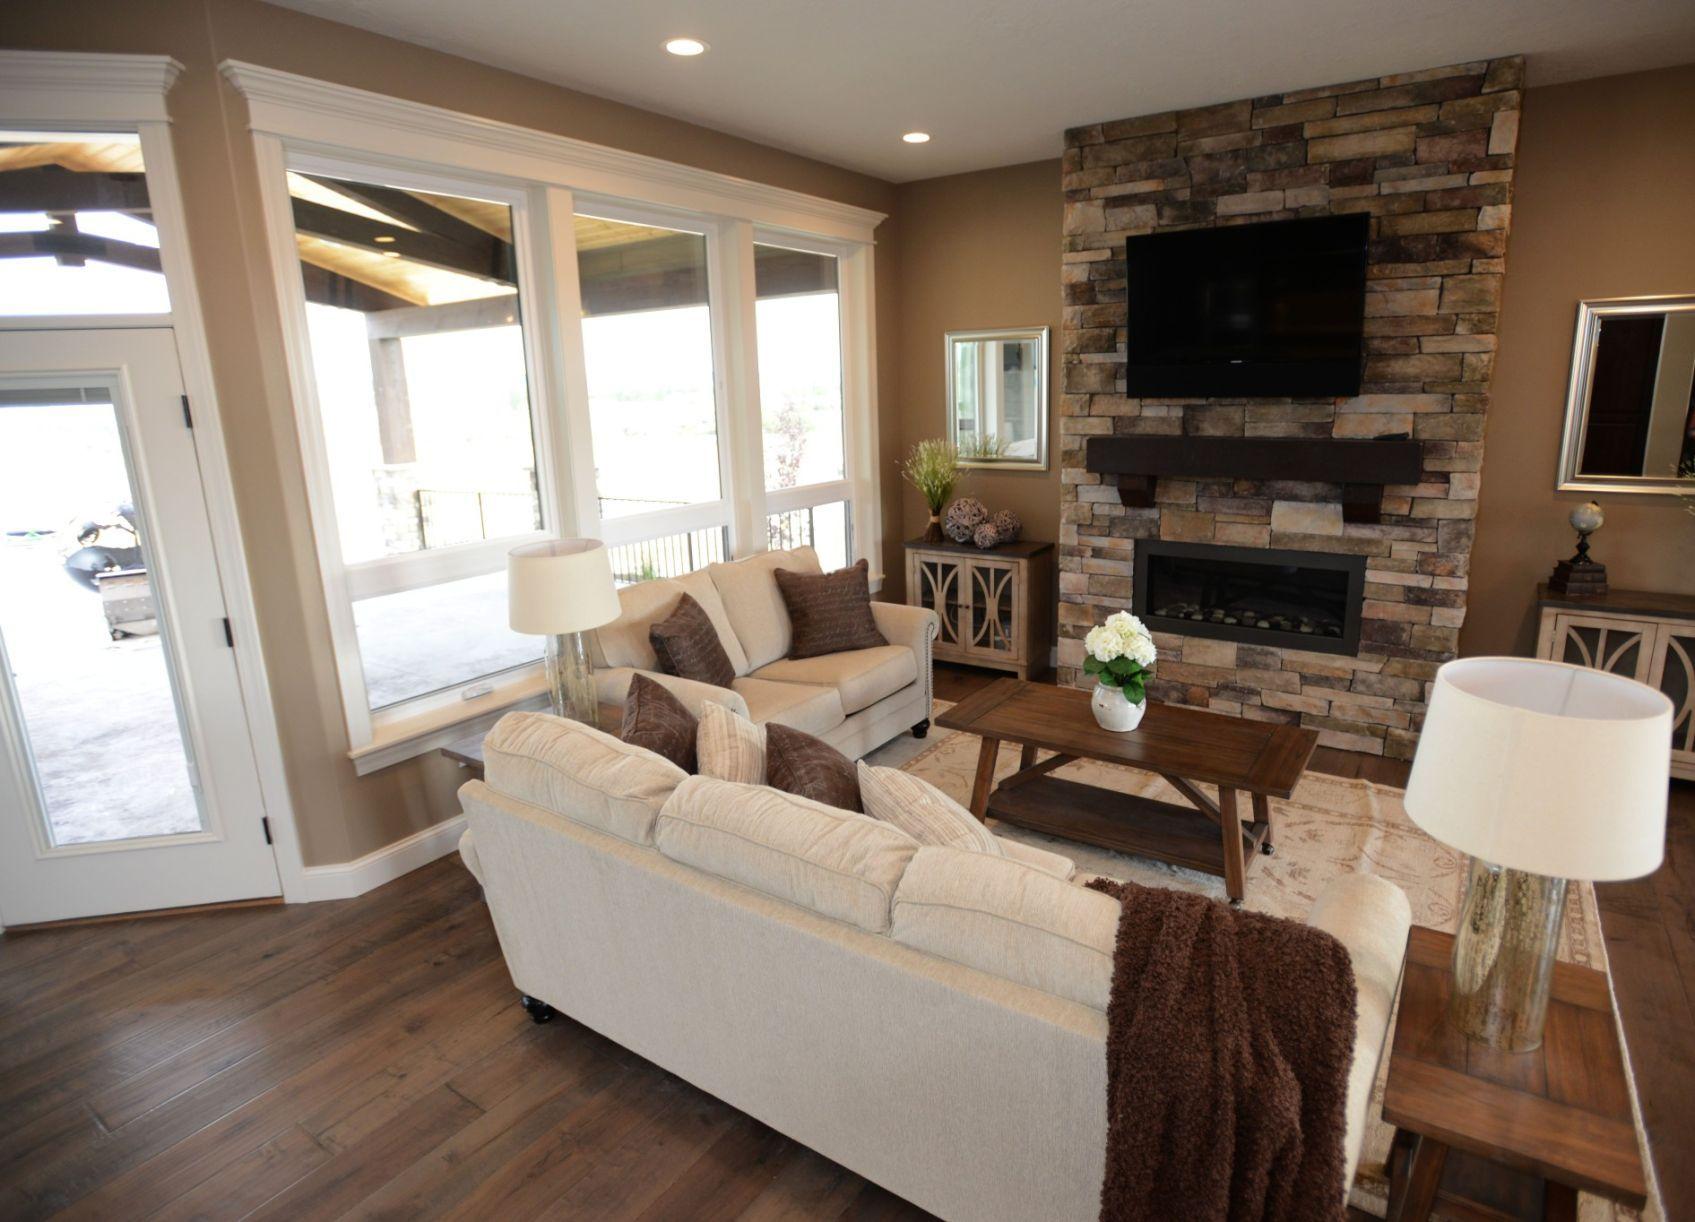 http landexdesigns com detail 4d27fa96 design homes ames iowa edepremcom design homes inc new home. Interior Design Ideas. Home Design Ideas